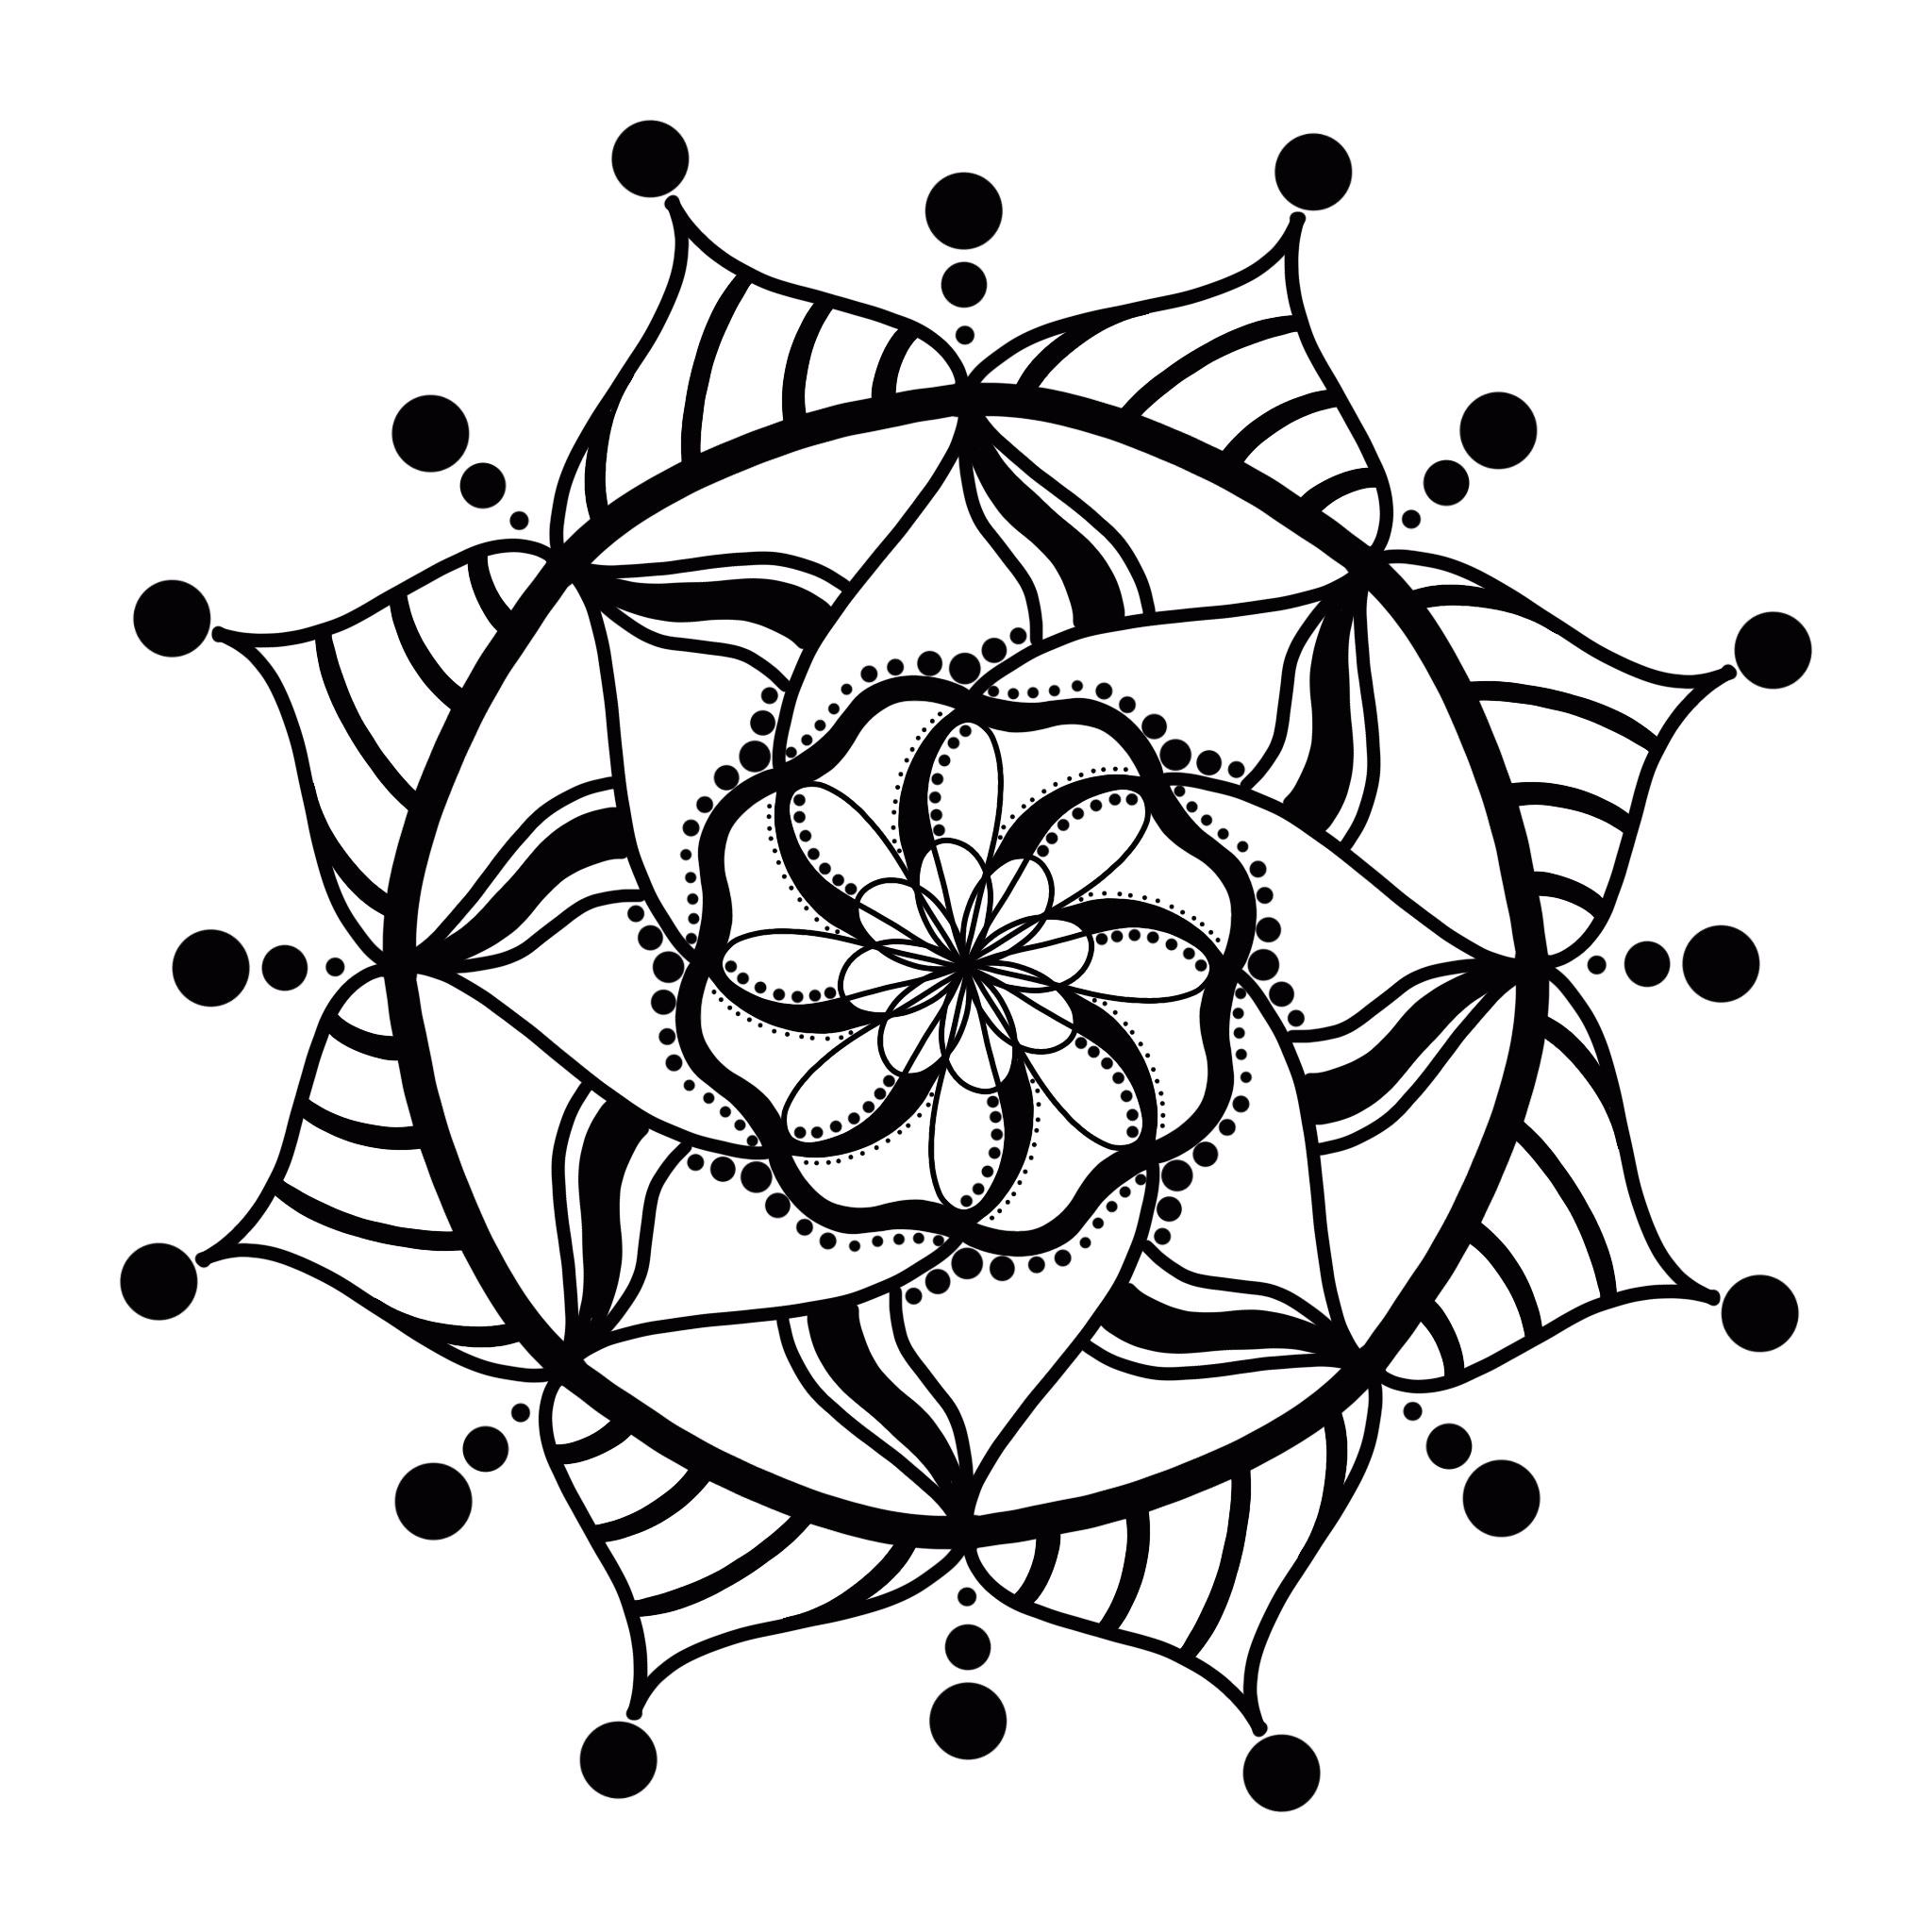 Mandala_64